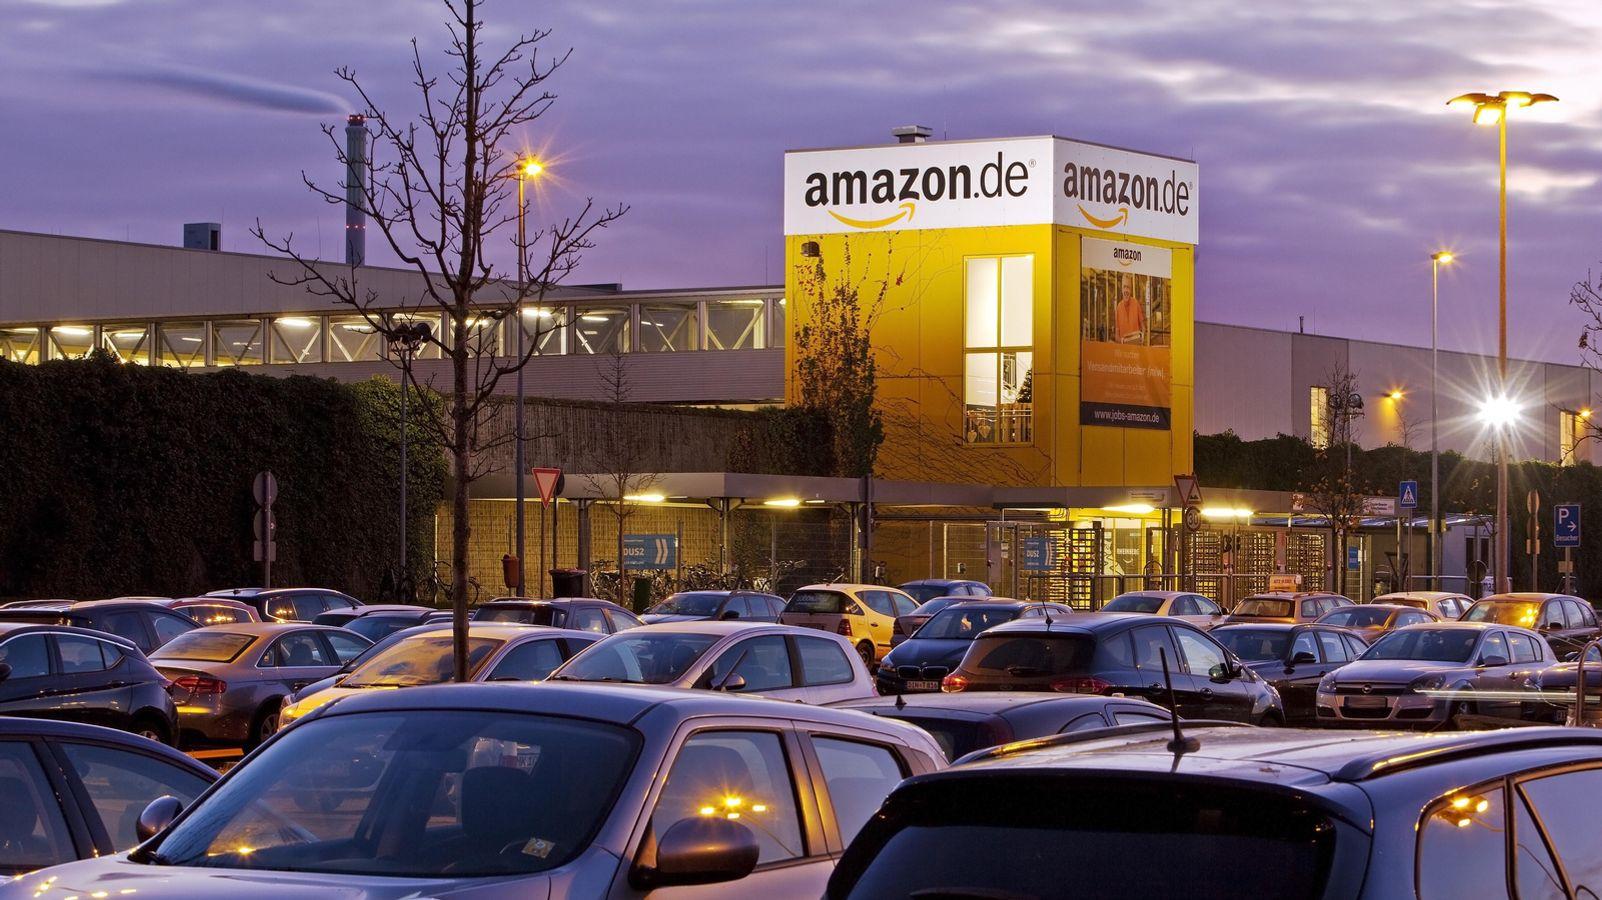 Amazon: Grünes Licht für Logistikzentrum im Landkreis Hof